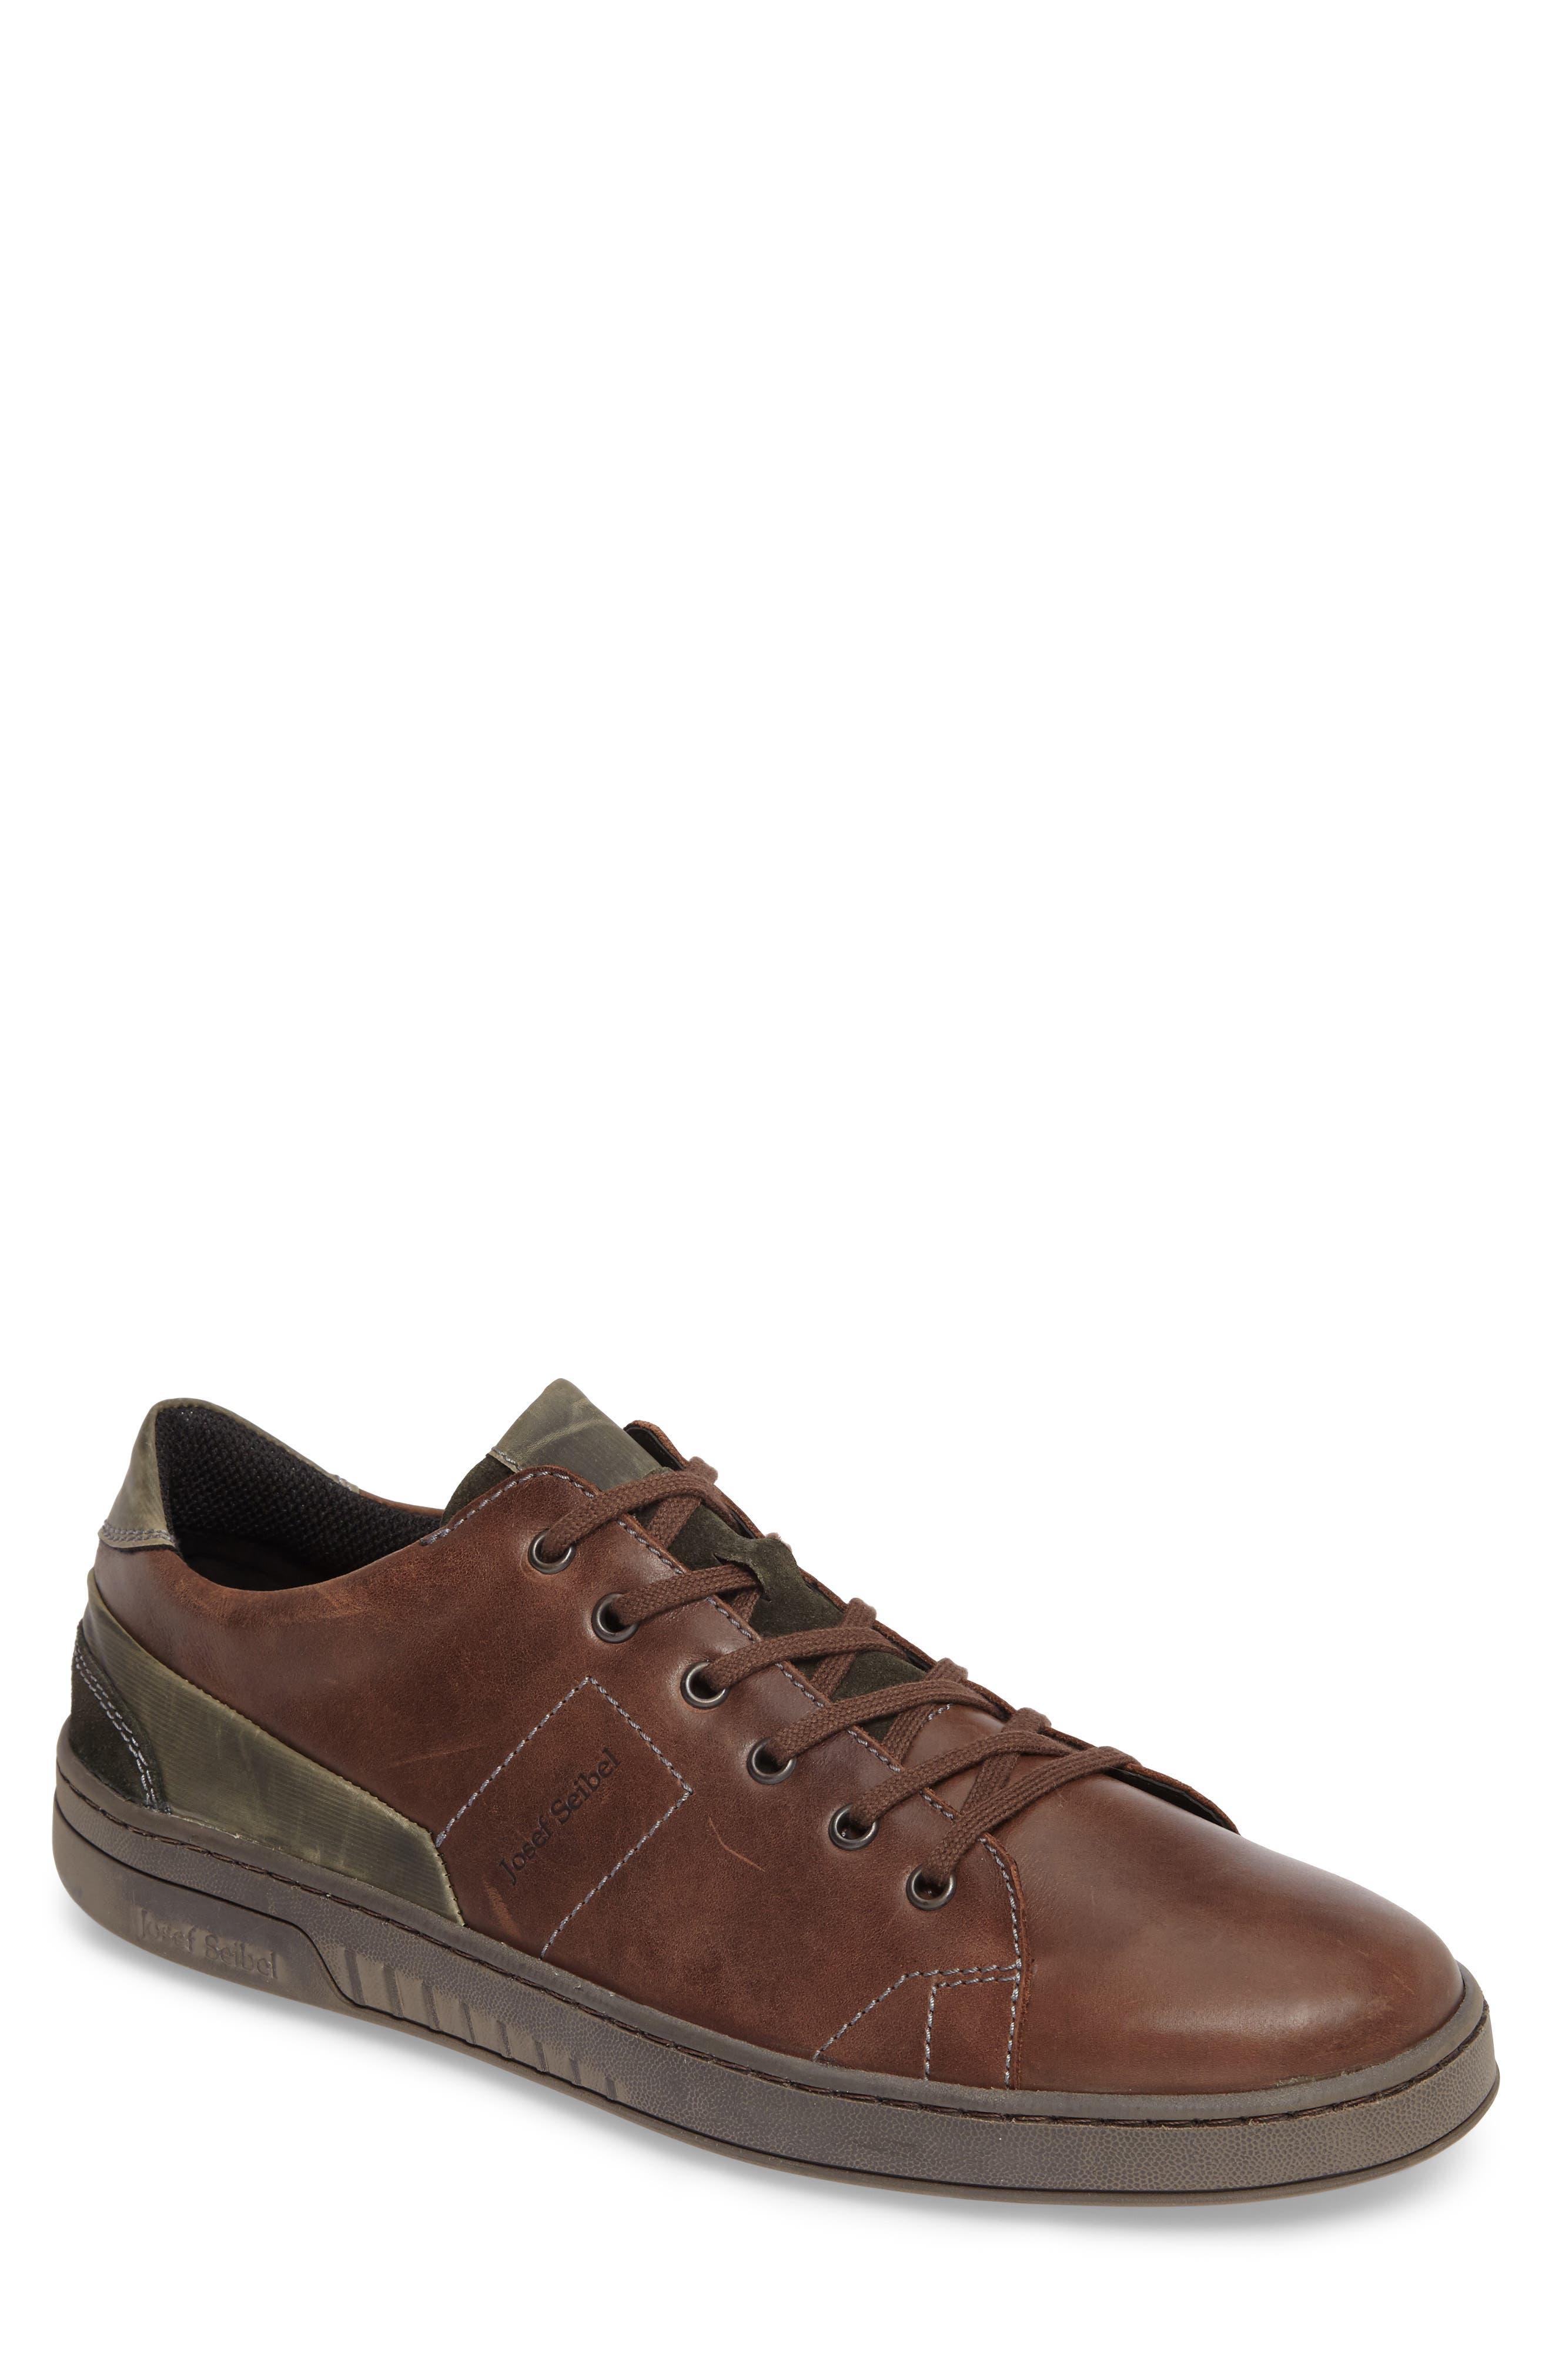 Main Image - Josef Seibel Dresda 23 Sneaker (Men)